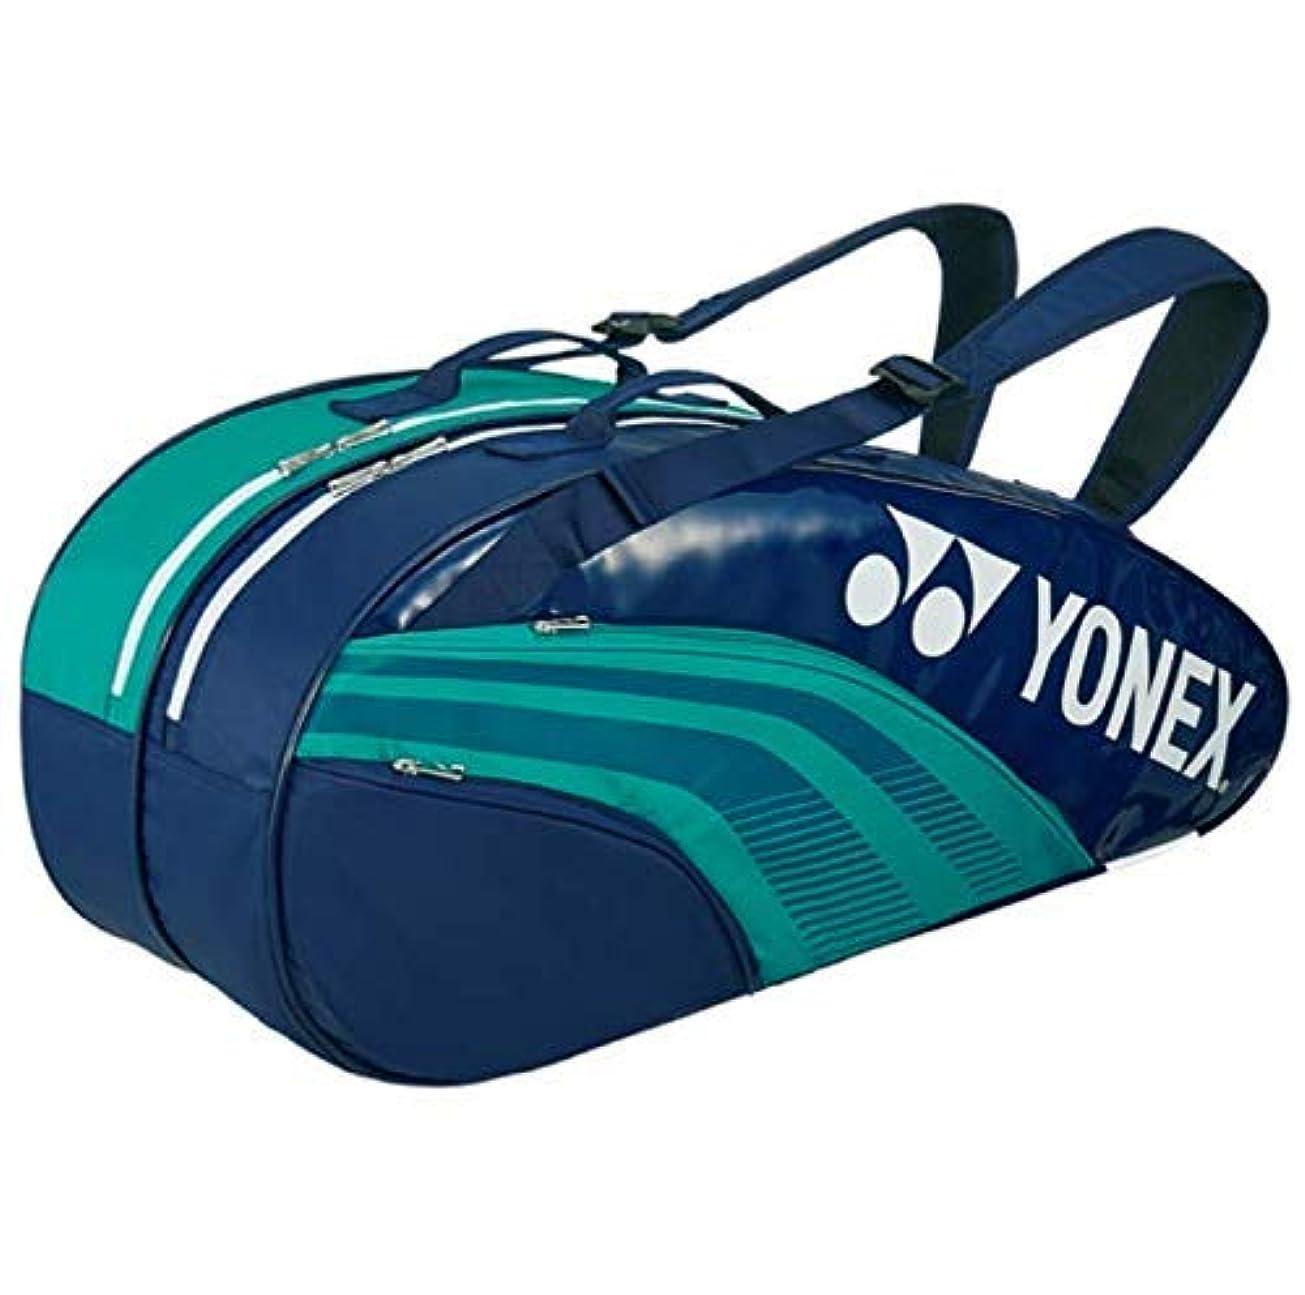 くしゃみ打ち負かすブロックするYONEX(ヨネックス) ラケットバッグ6(リュック付き) アクア BAG1932R-301